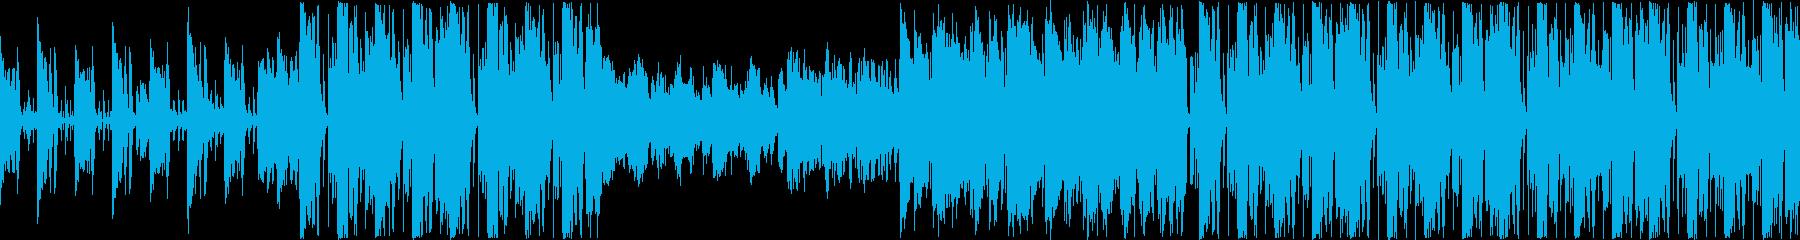 南国風情熱的で軽快なインスト曲ループの再生済みの波形